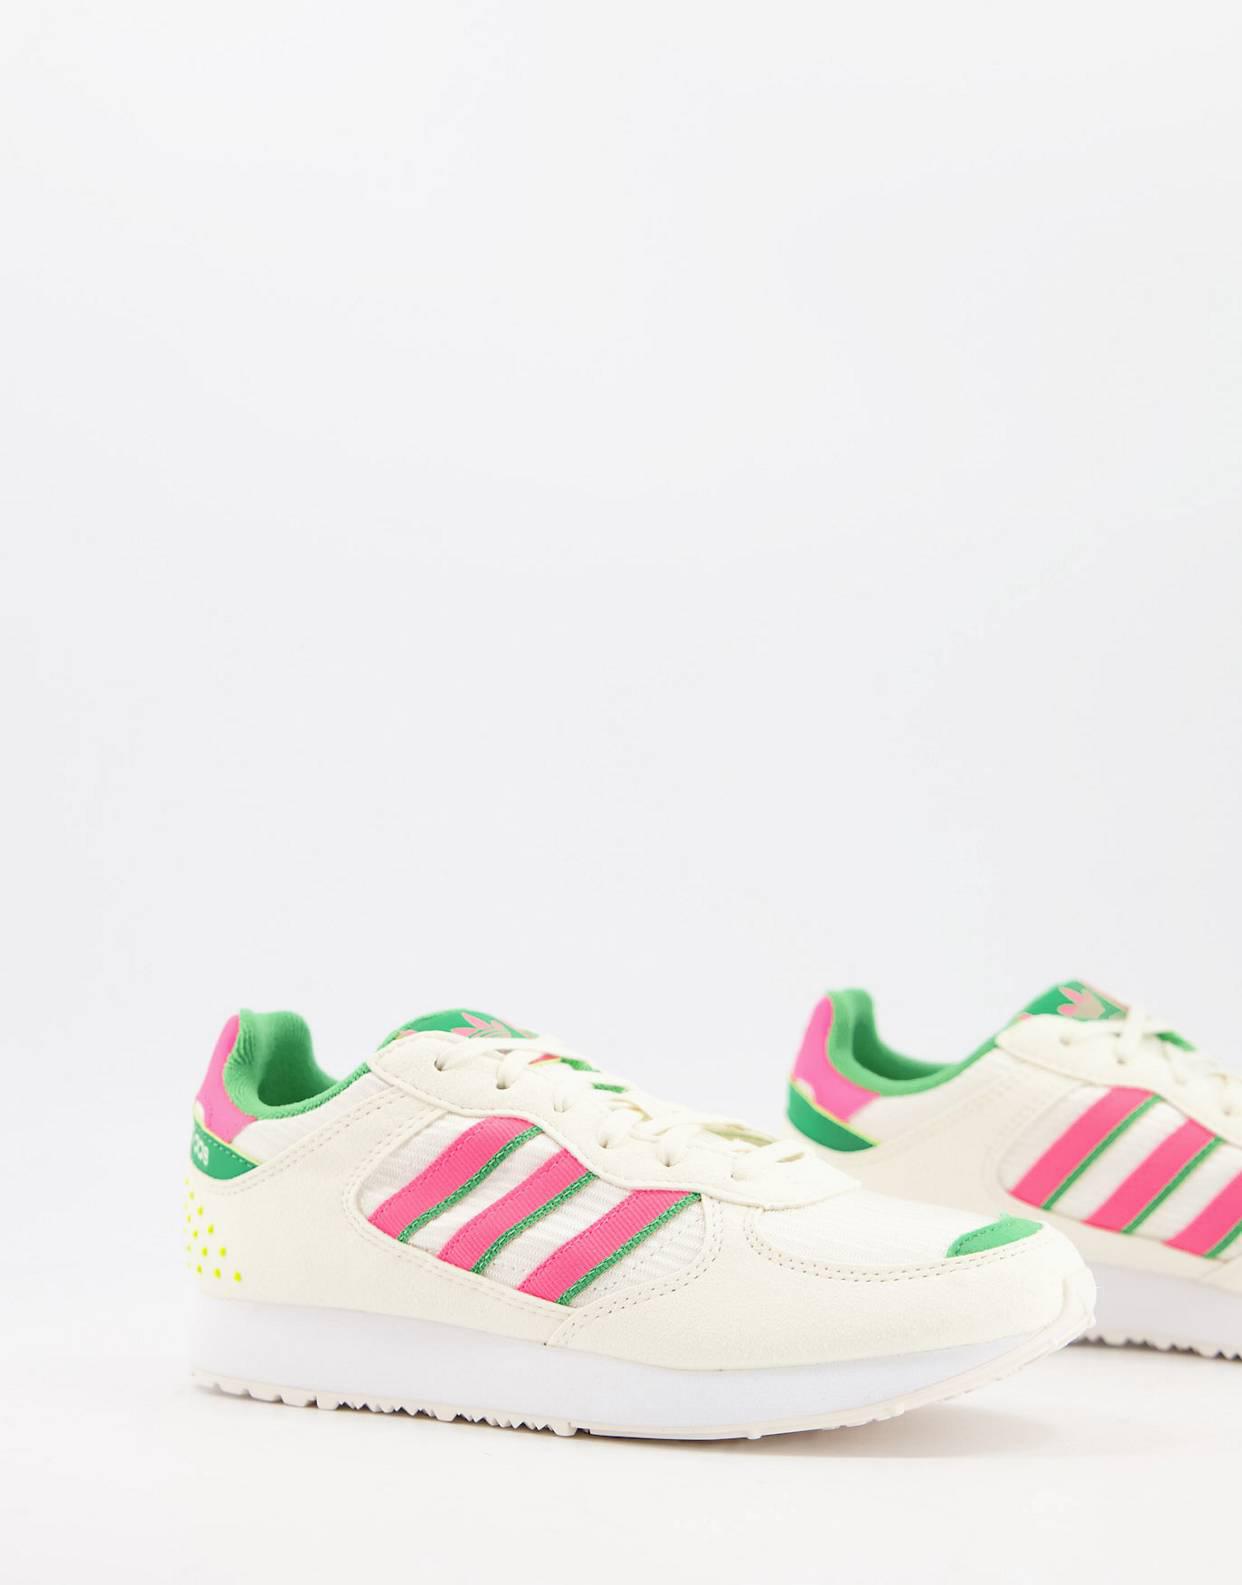 Zapatillas de deporte blancas con detalles rosas y verdes Special 21 de Adidas Originals